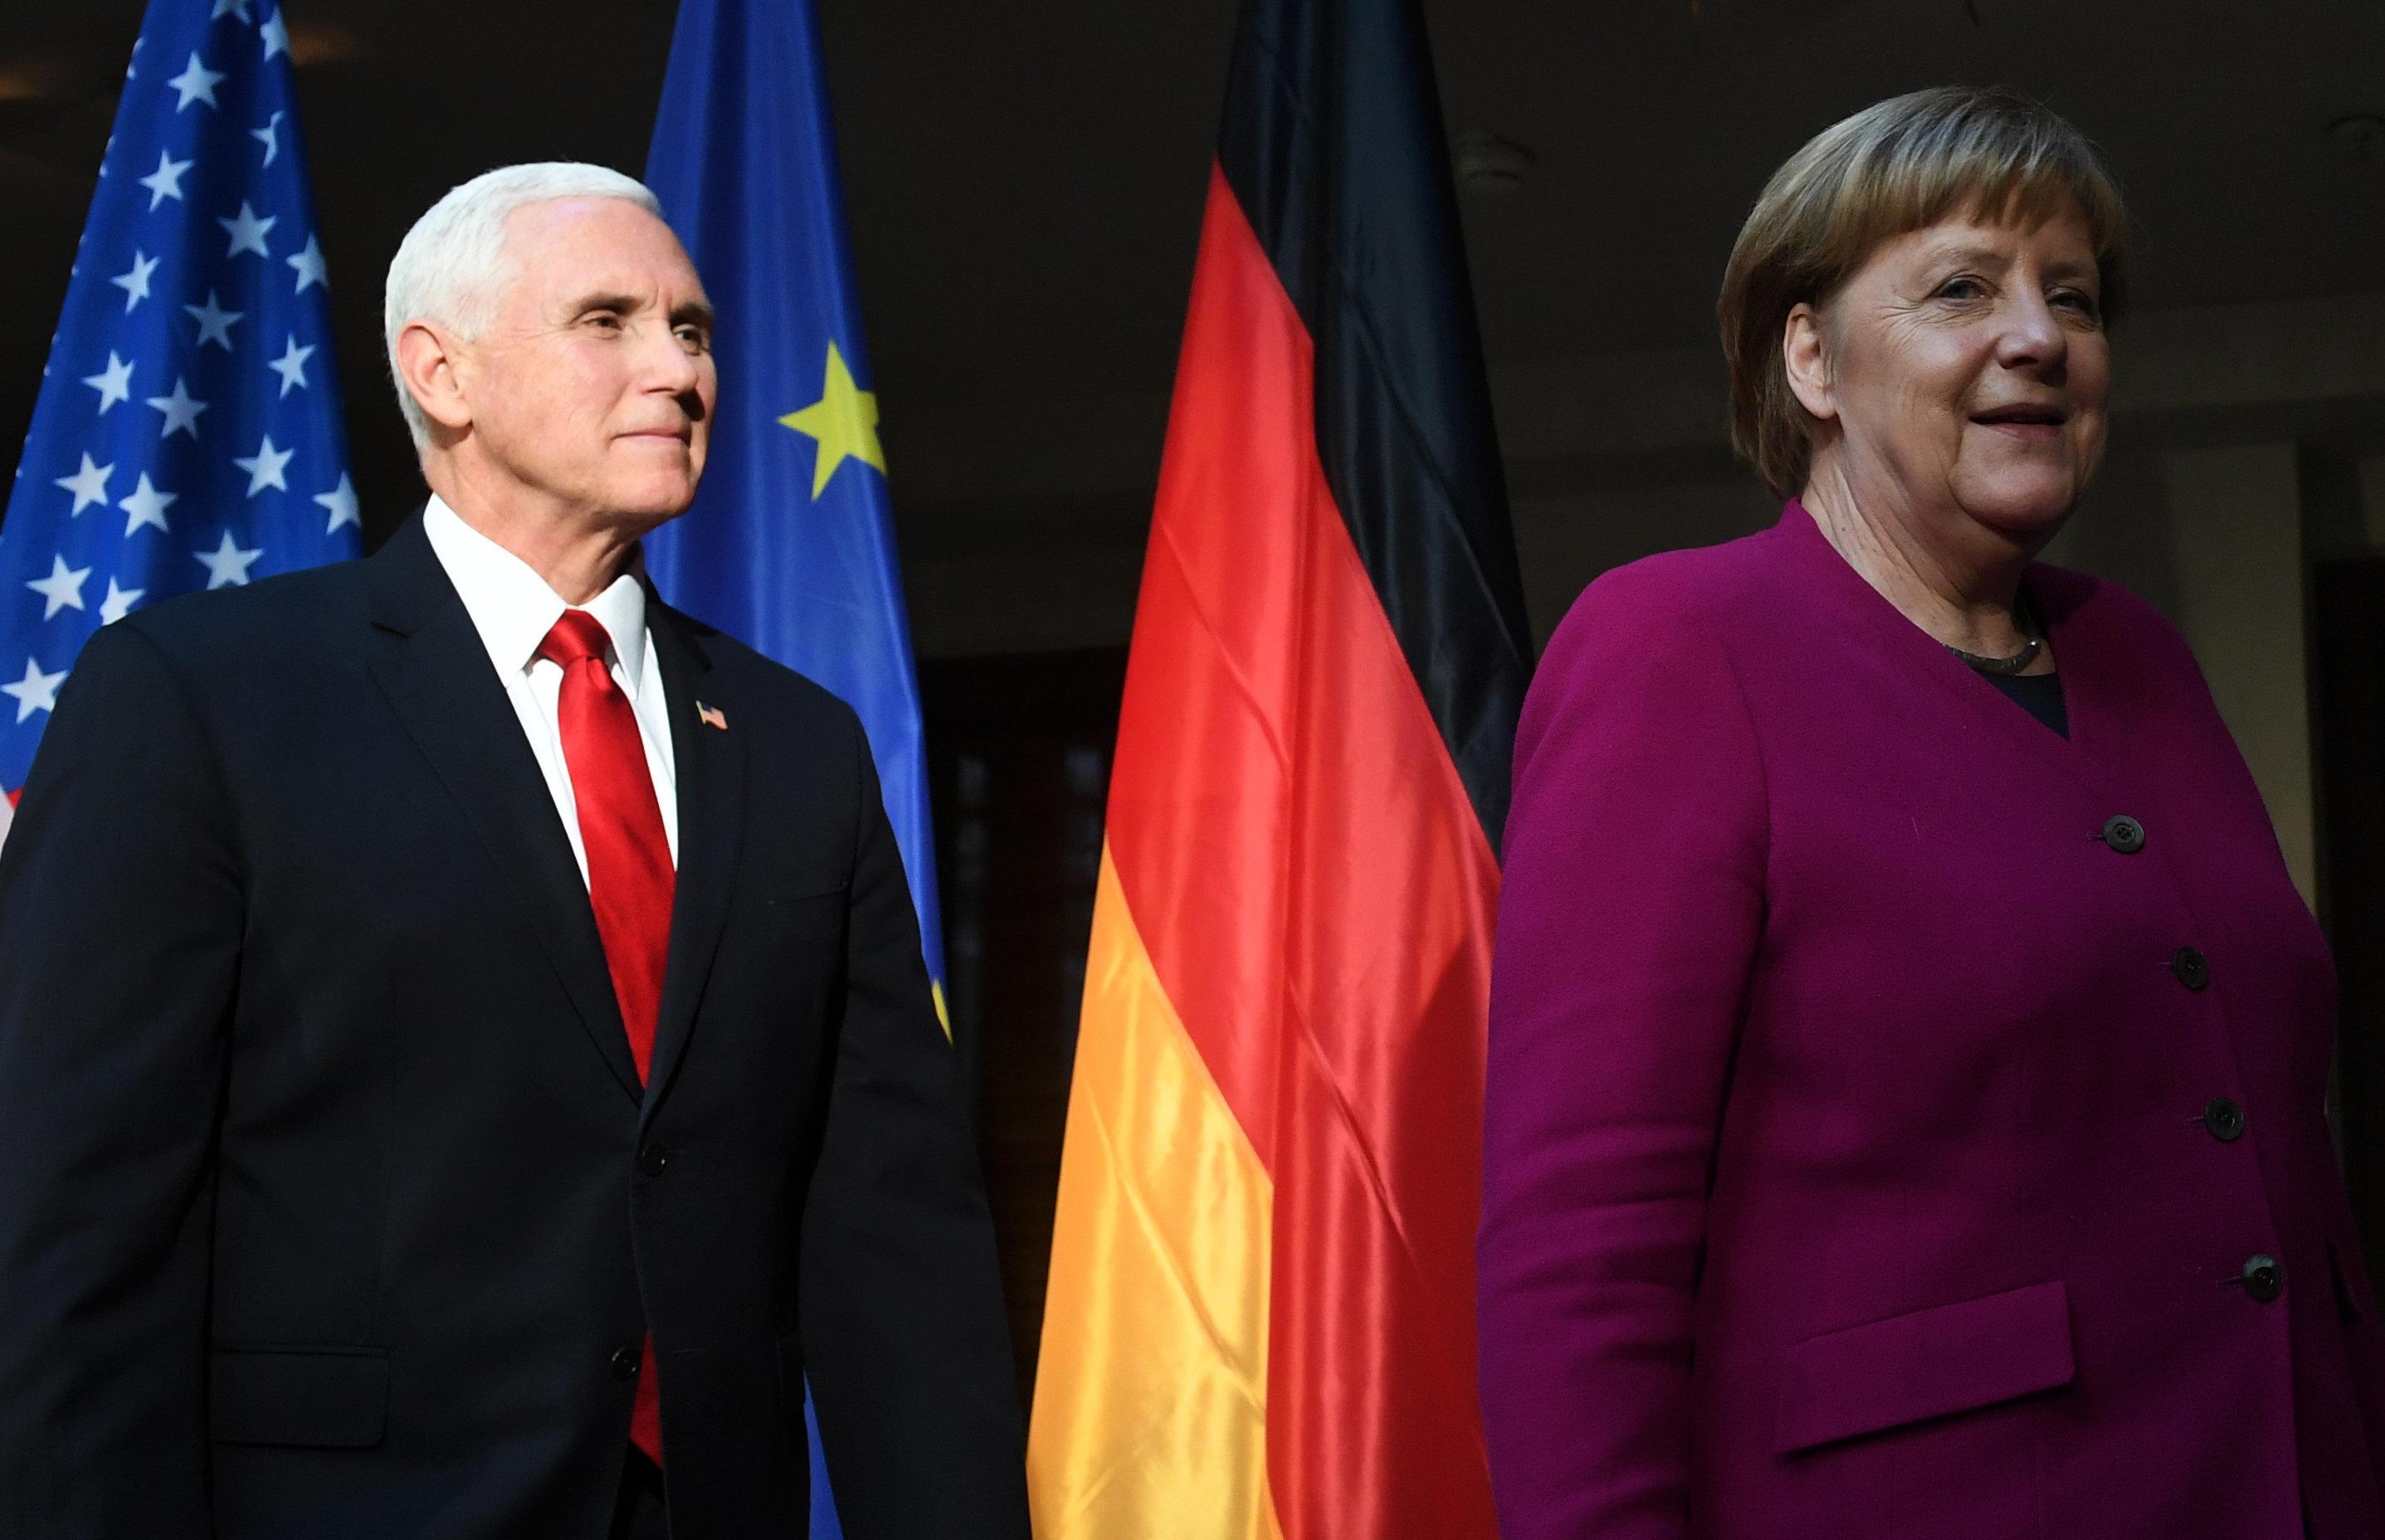 앙겔라 메르켈 독일 총리는 이란 핵협정 탈퇴 등 미국 트럼프 정부의 외교정책을 공개적으로